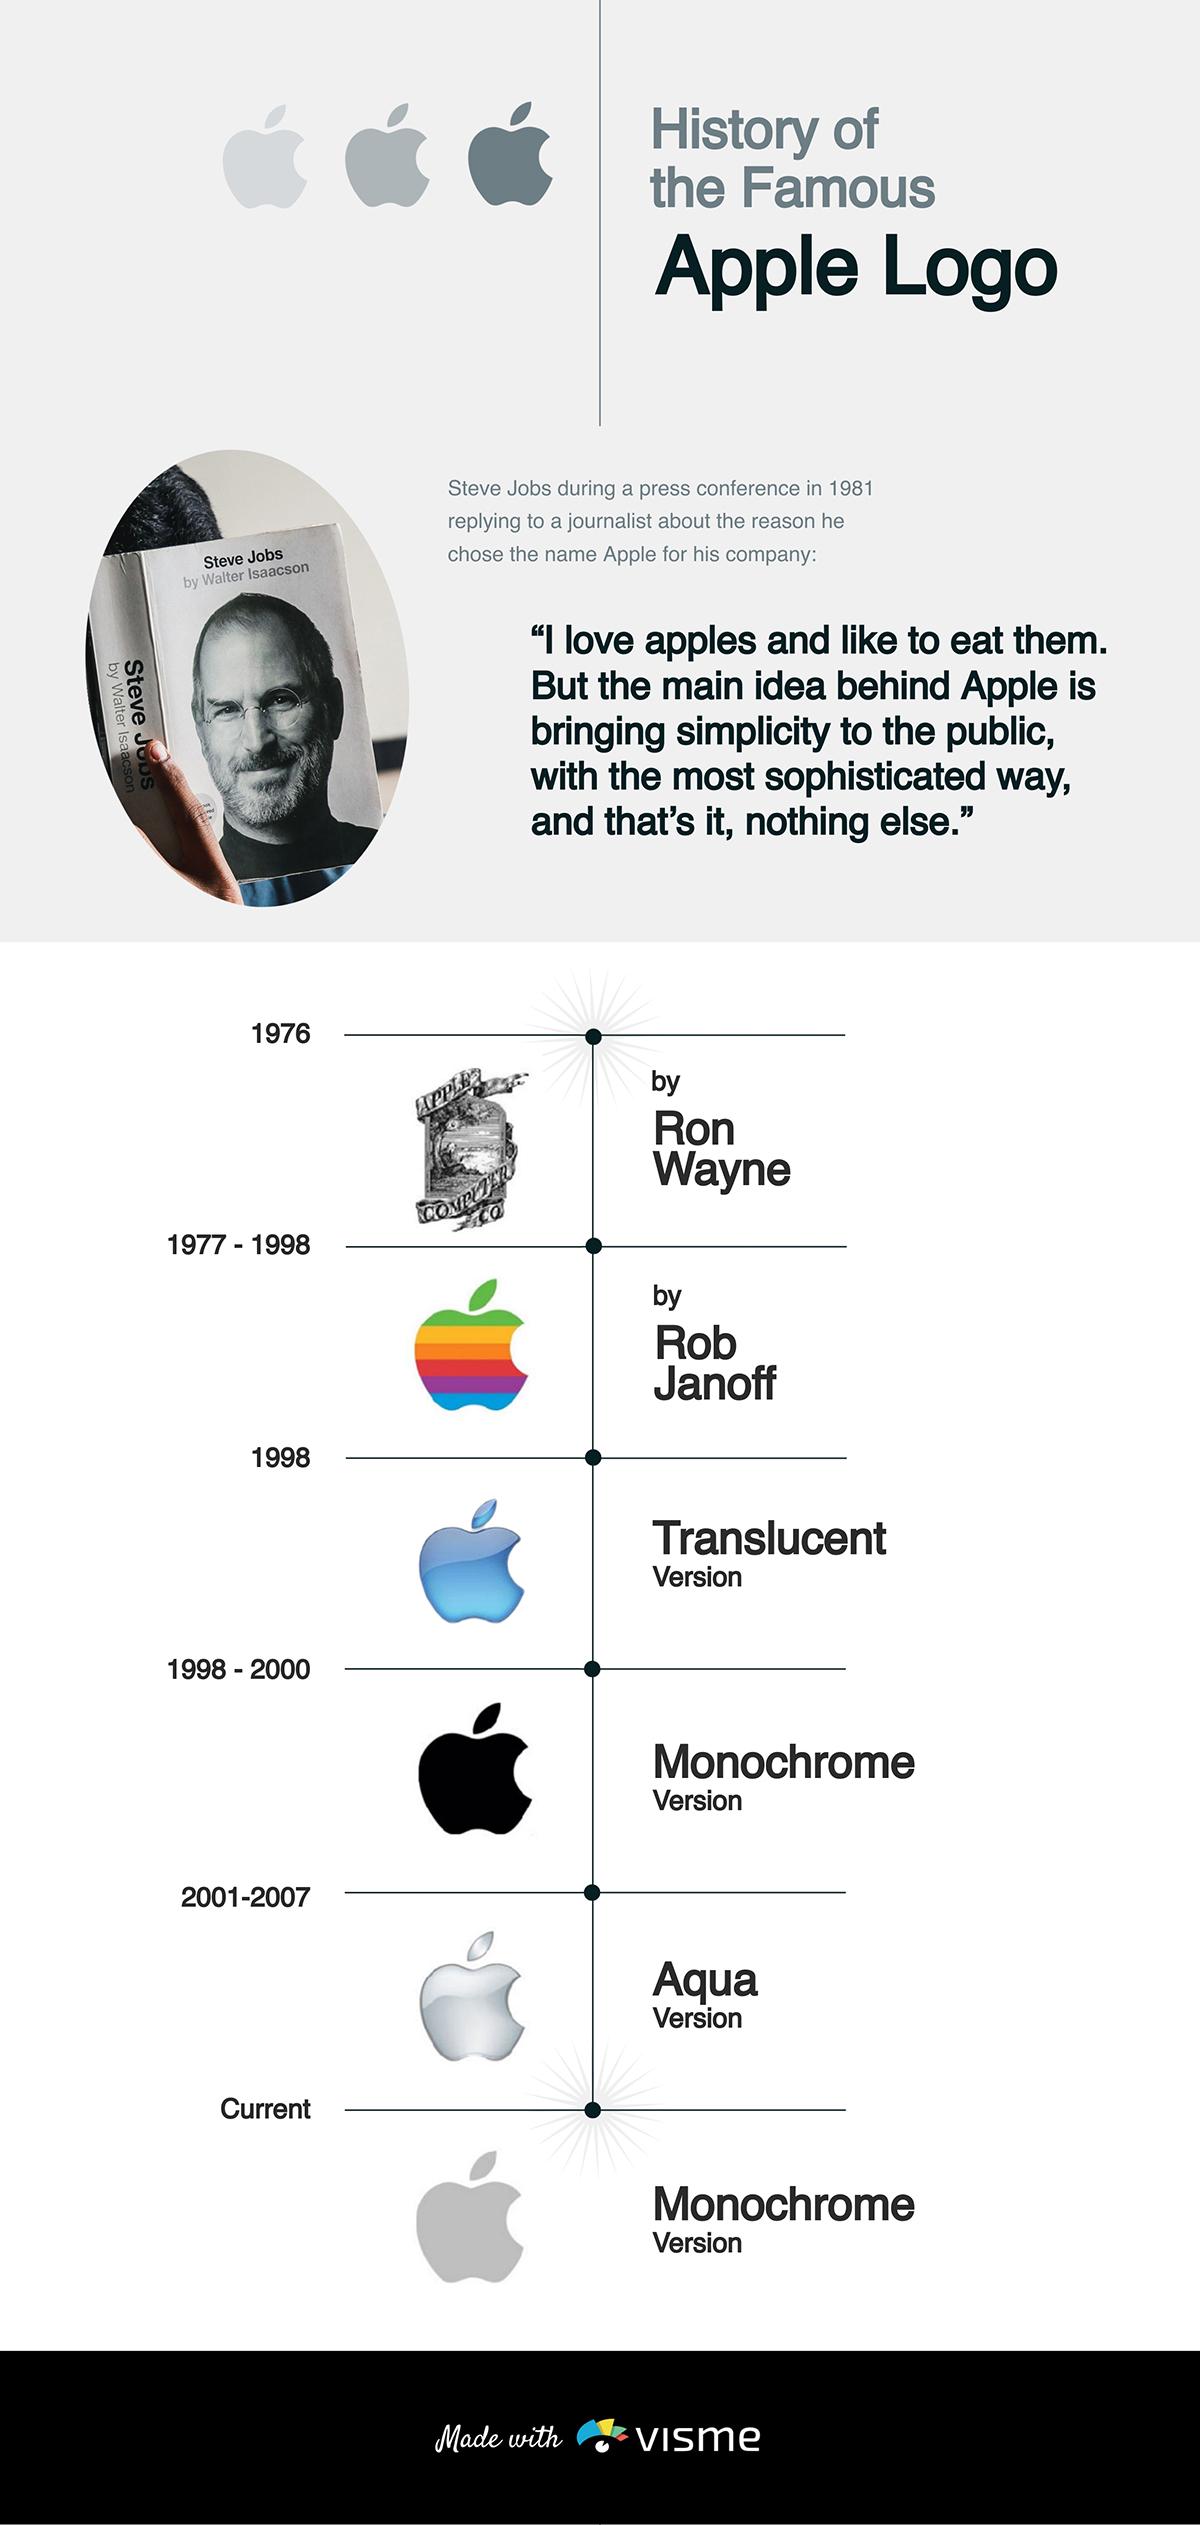 A timeline of the Apple logo's evolution.